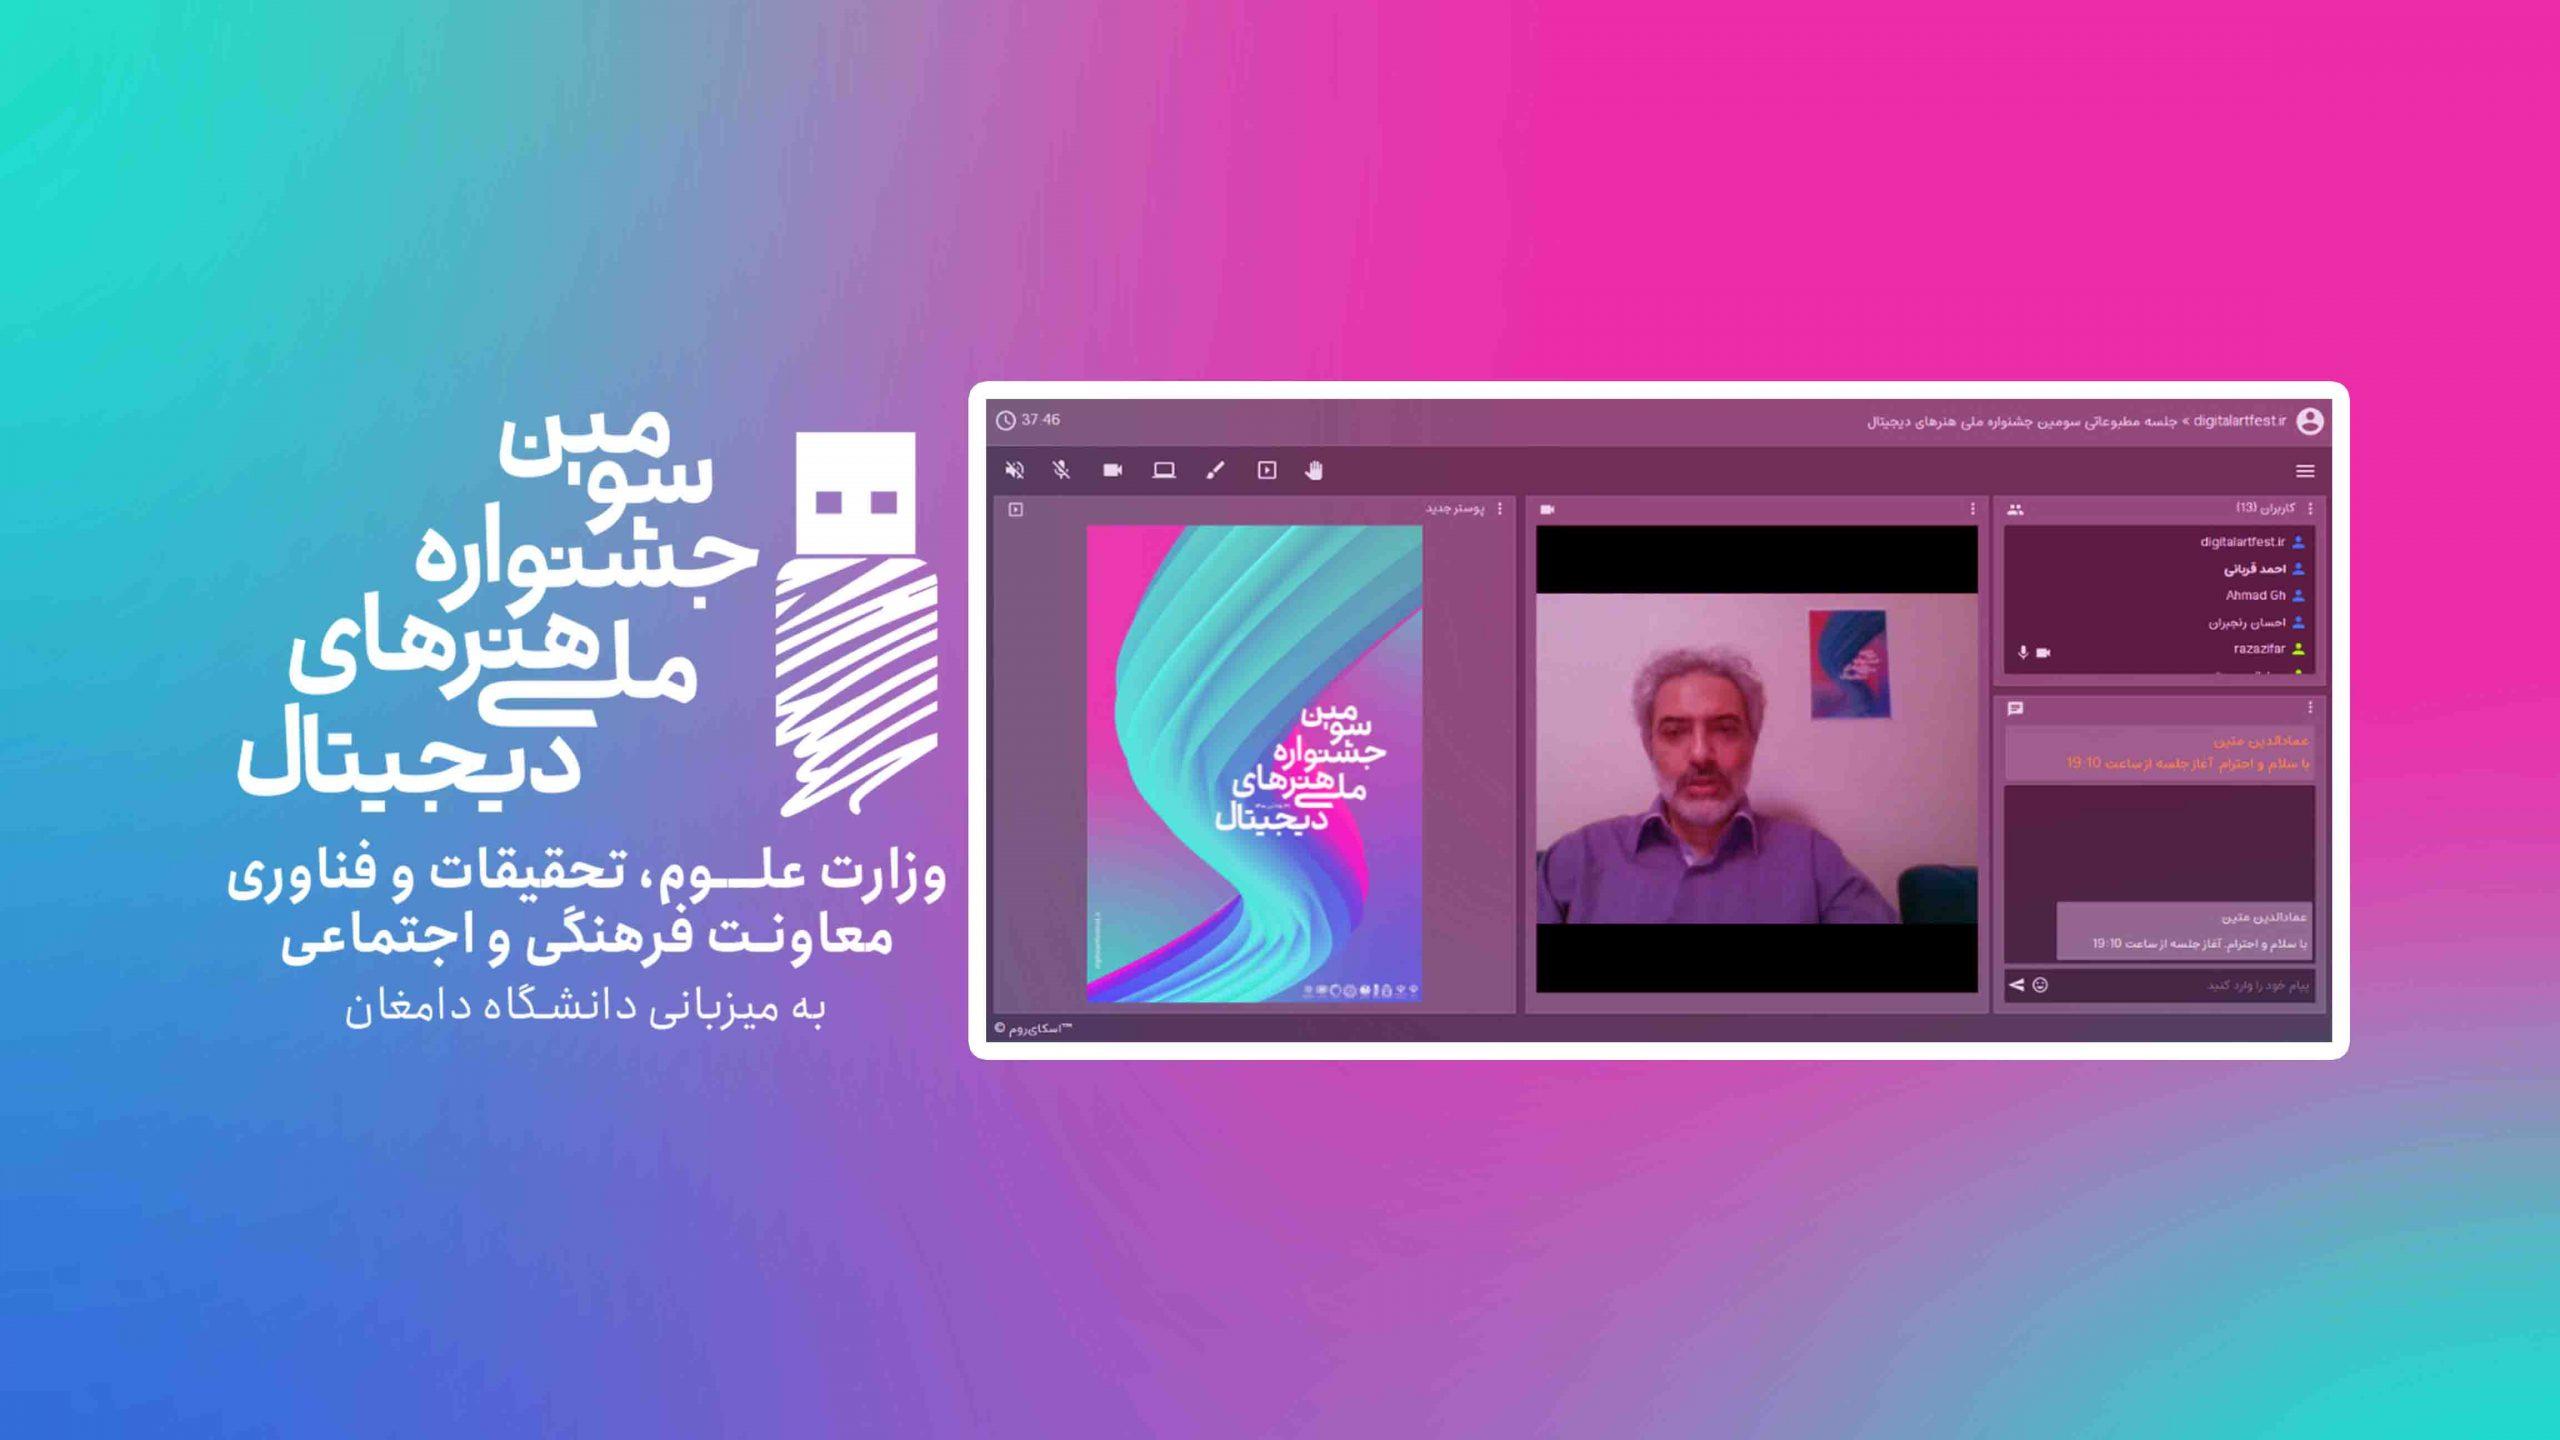 گزارش نخستین جلسه مطبوعاتی سومین جشنواره ملی هنرهای دیجیتال